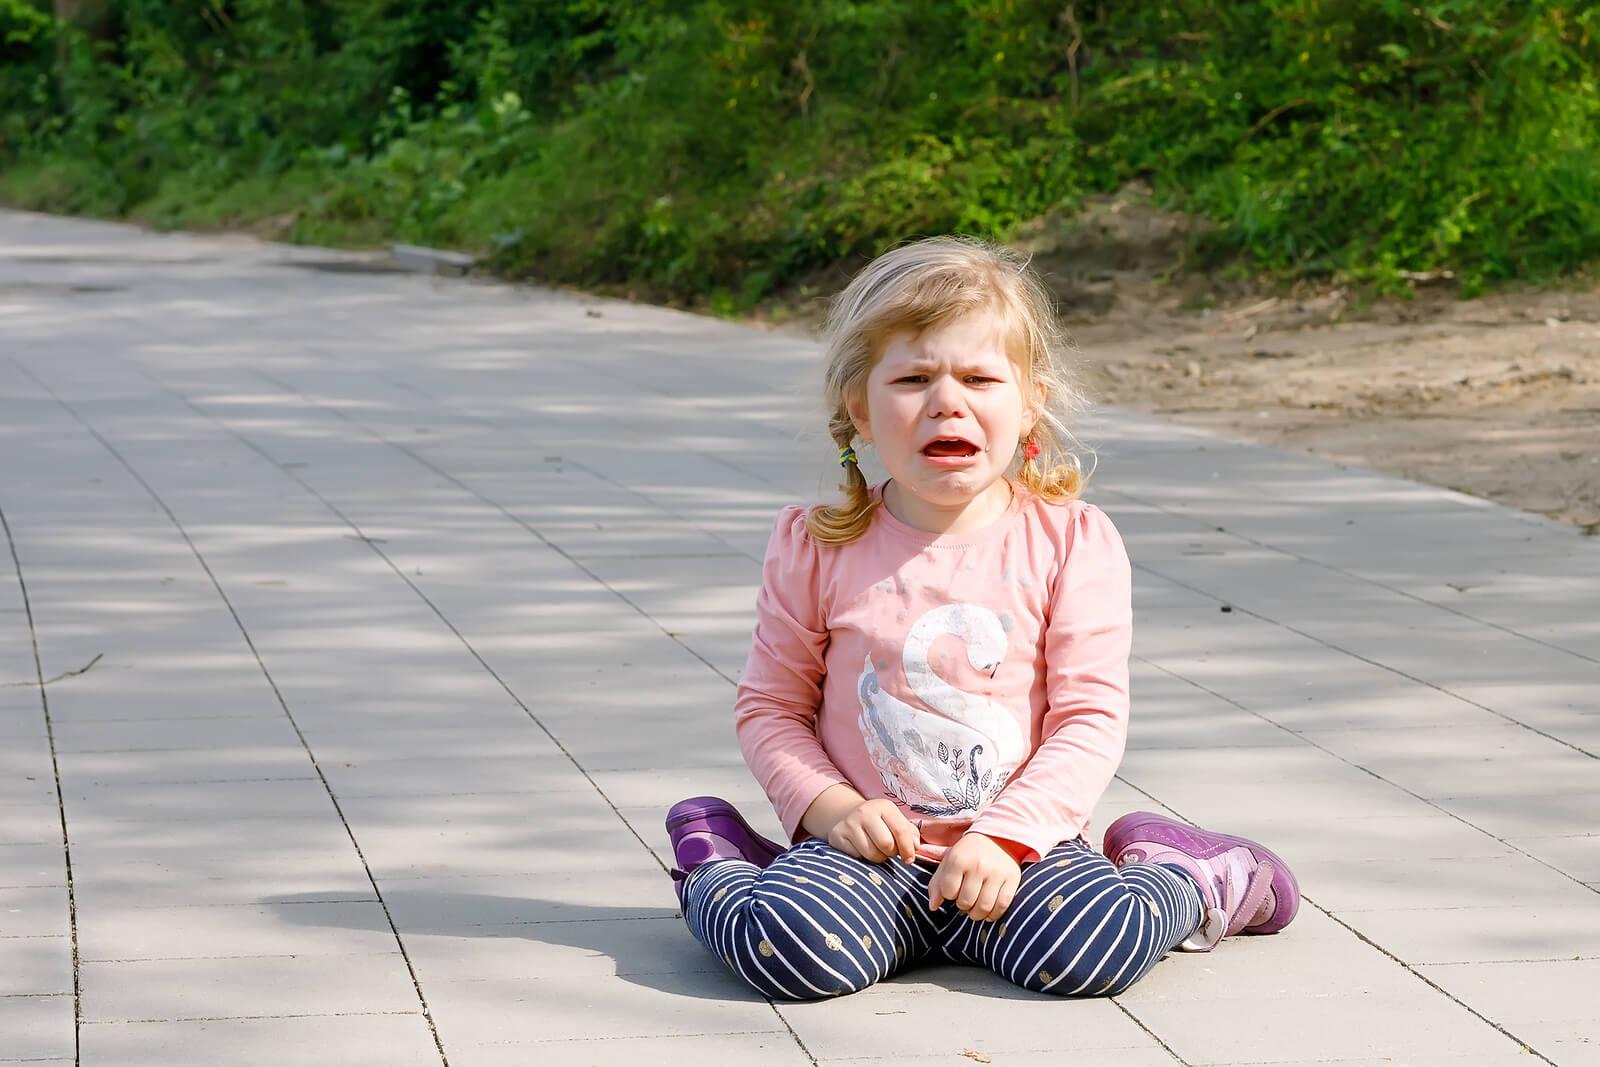 Niña en el suelo llorando.